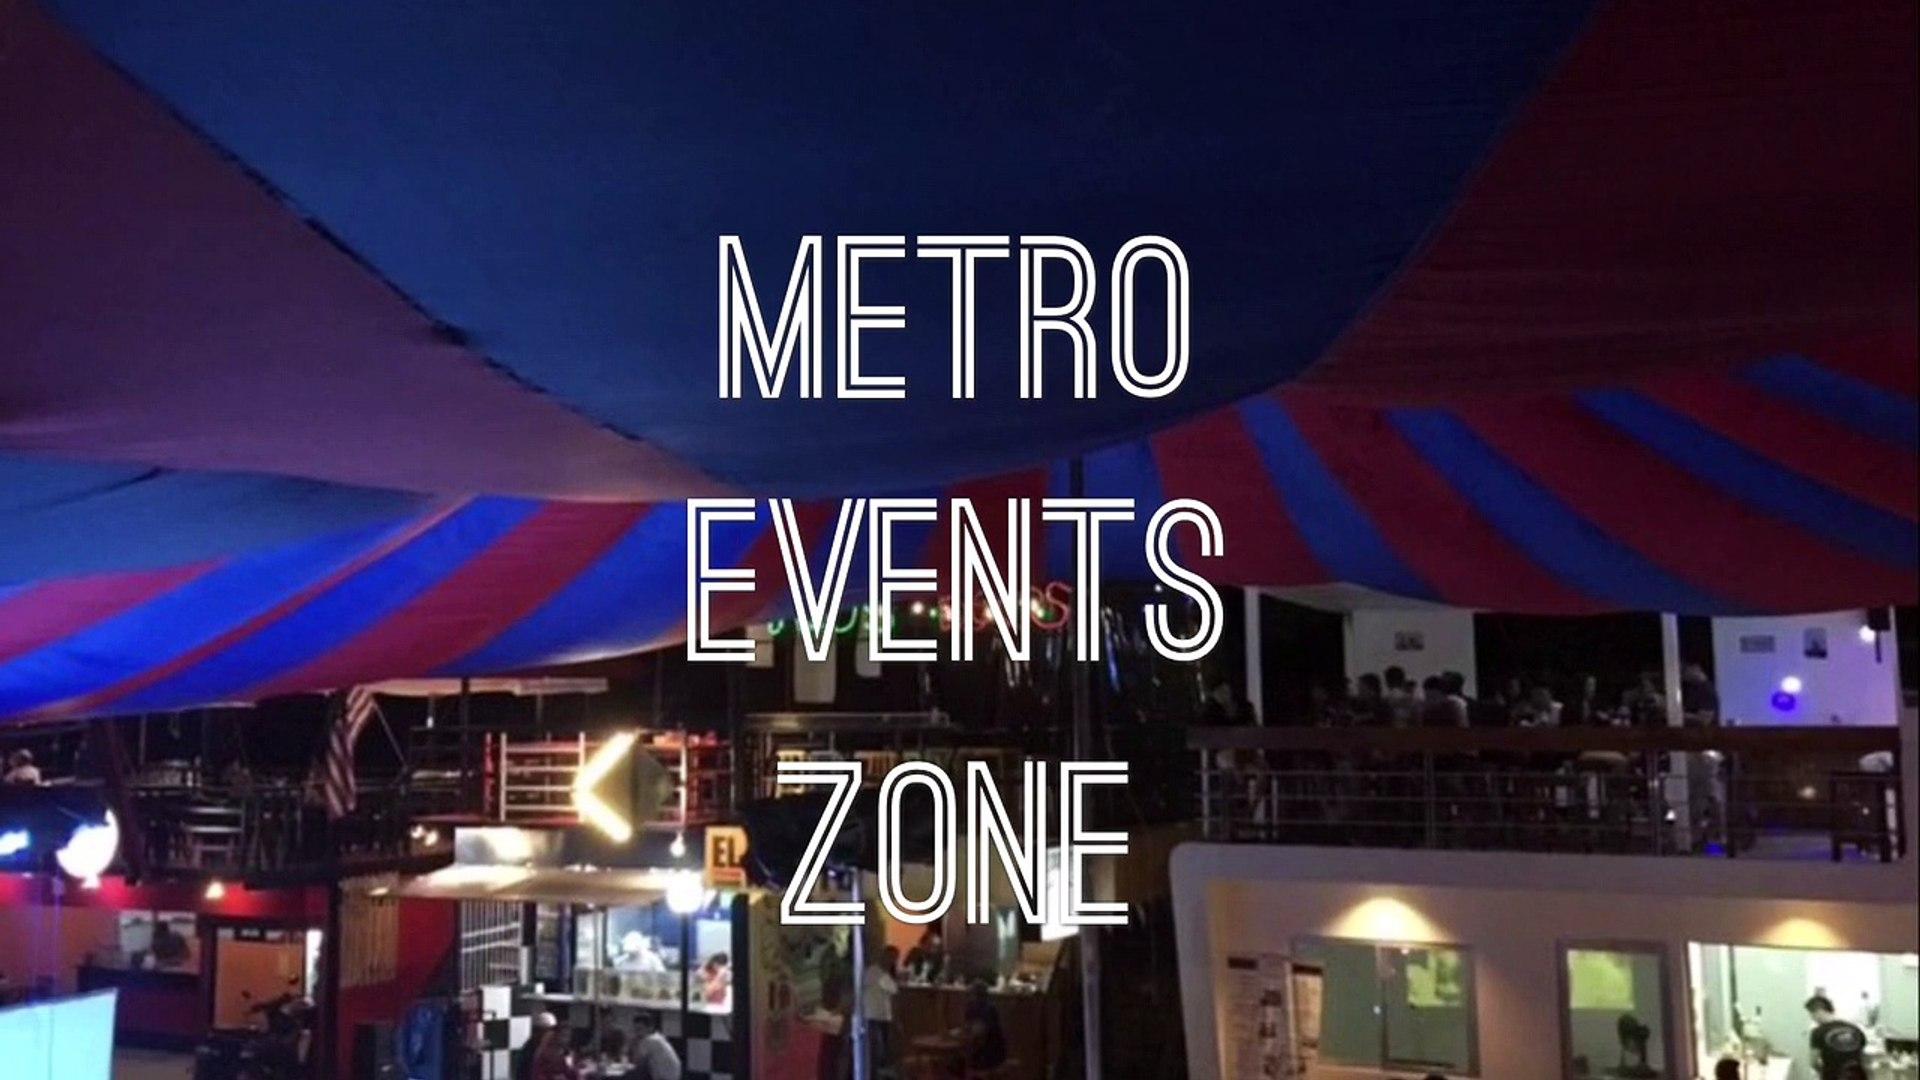 Metro Events Zone